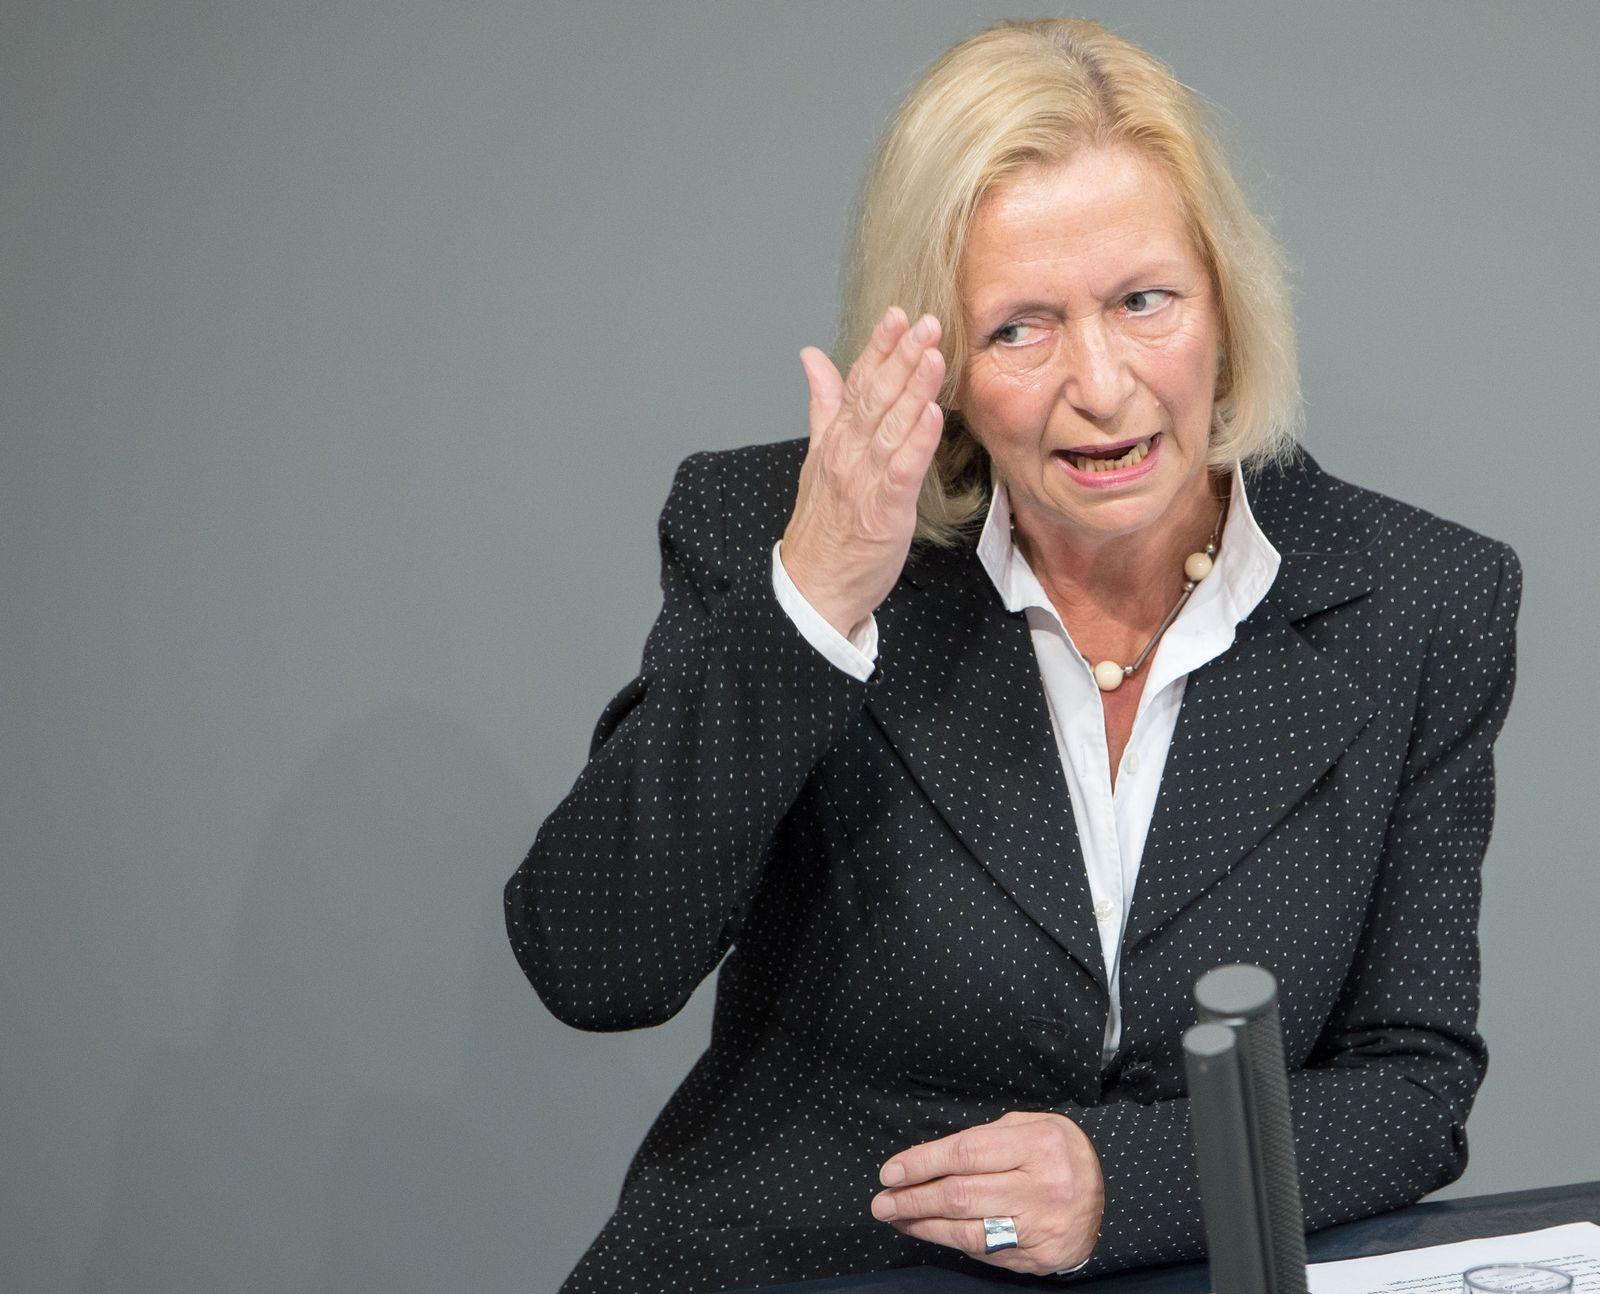 Bundestag - Bafög Reform